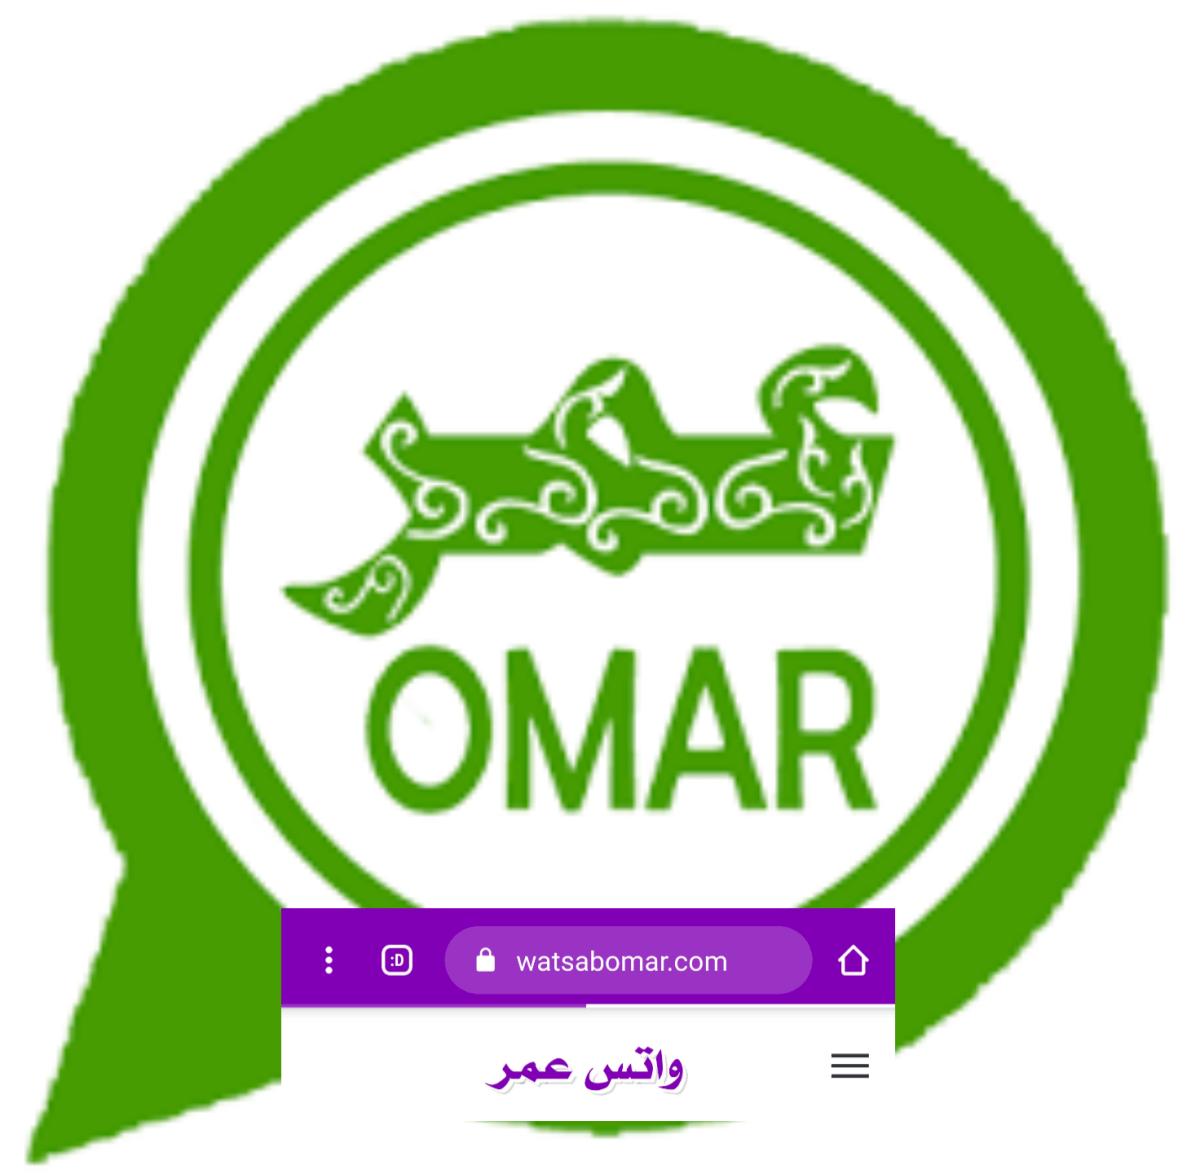 تحميل واتساب عمر باذيب 2020 العنابي و الوردي و الأزرق آخر إصدار Omar